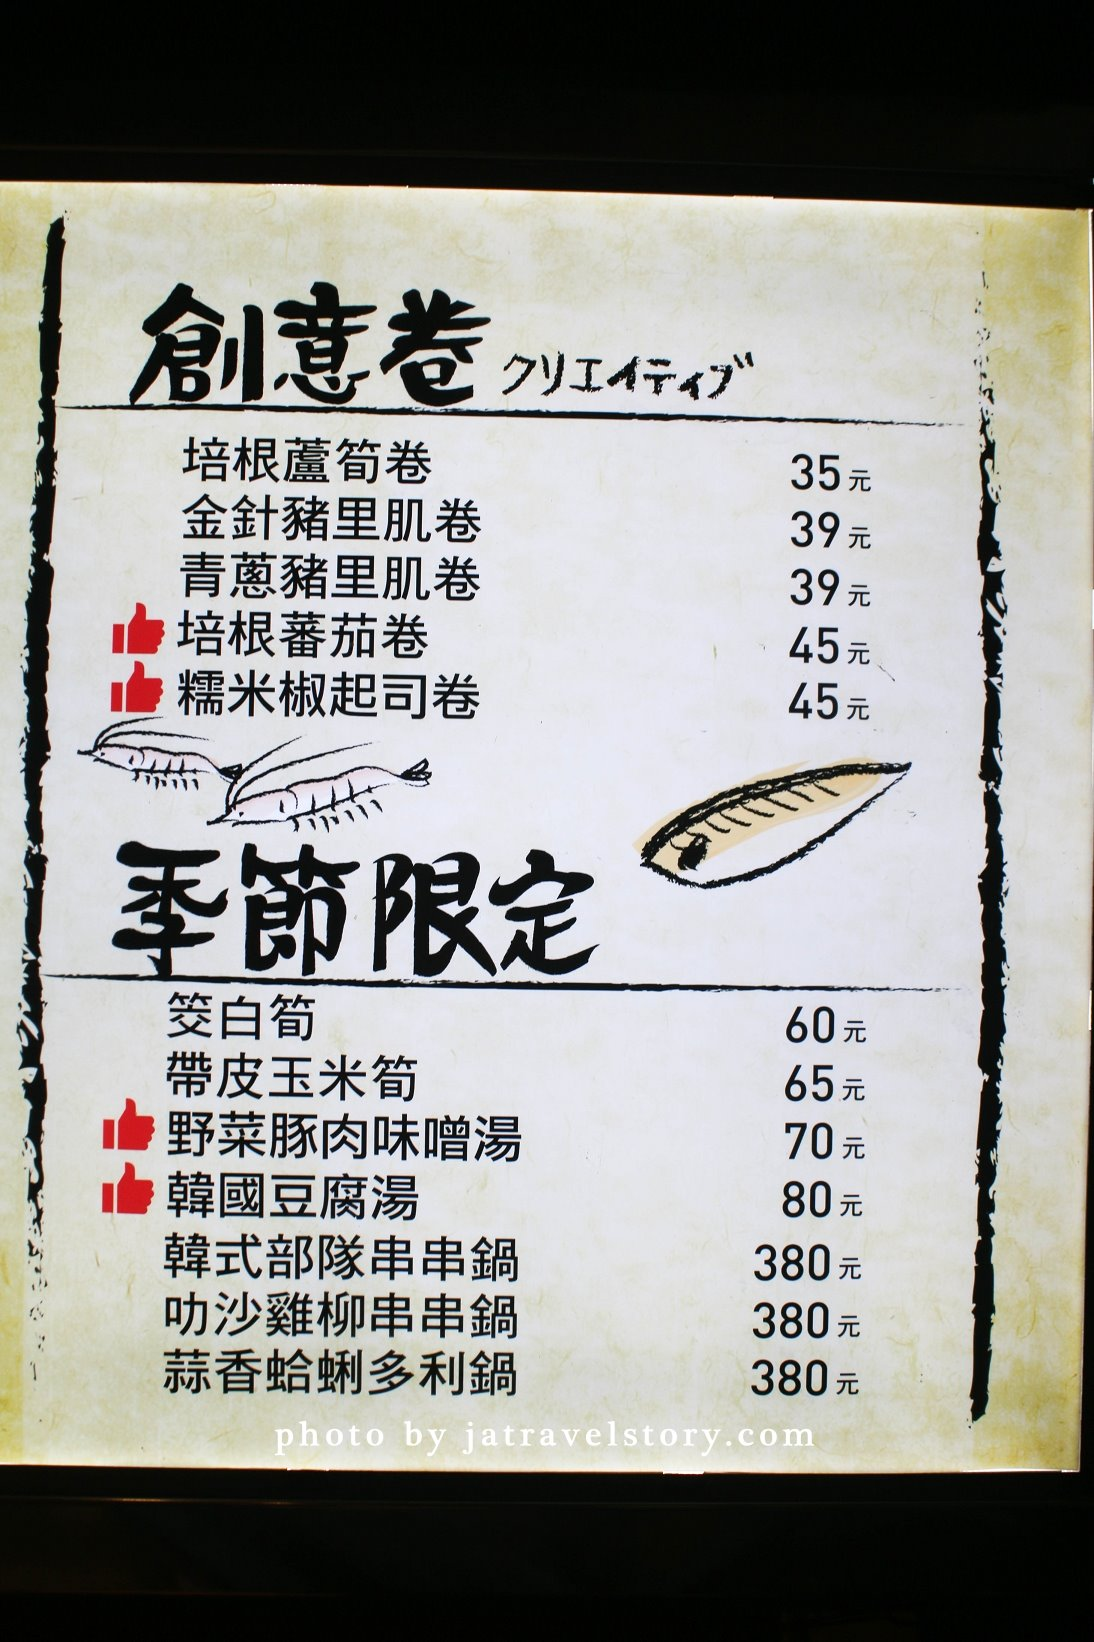 燒鳥串道 平價串燒16元起,柴魚醬飯.茶泡飯免費吃到飽【捷運行天宮】行天宮美食/平價燒烤/居酒屋 @J&A的旅行